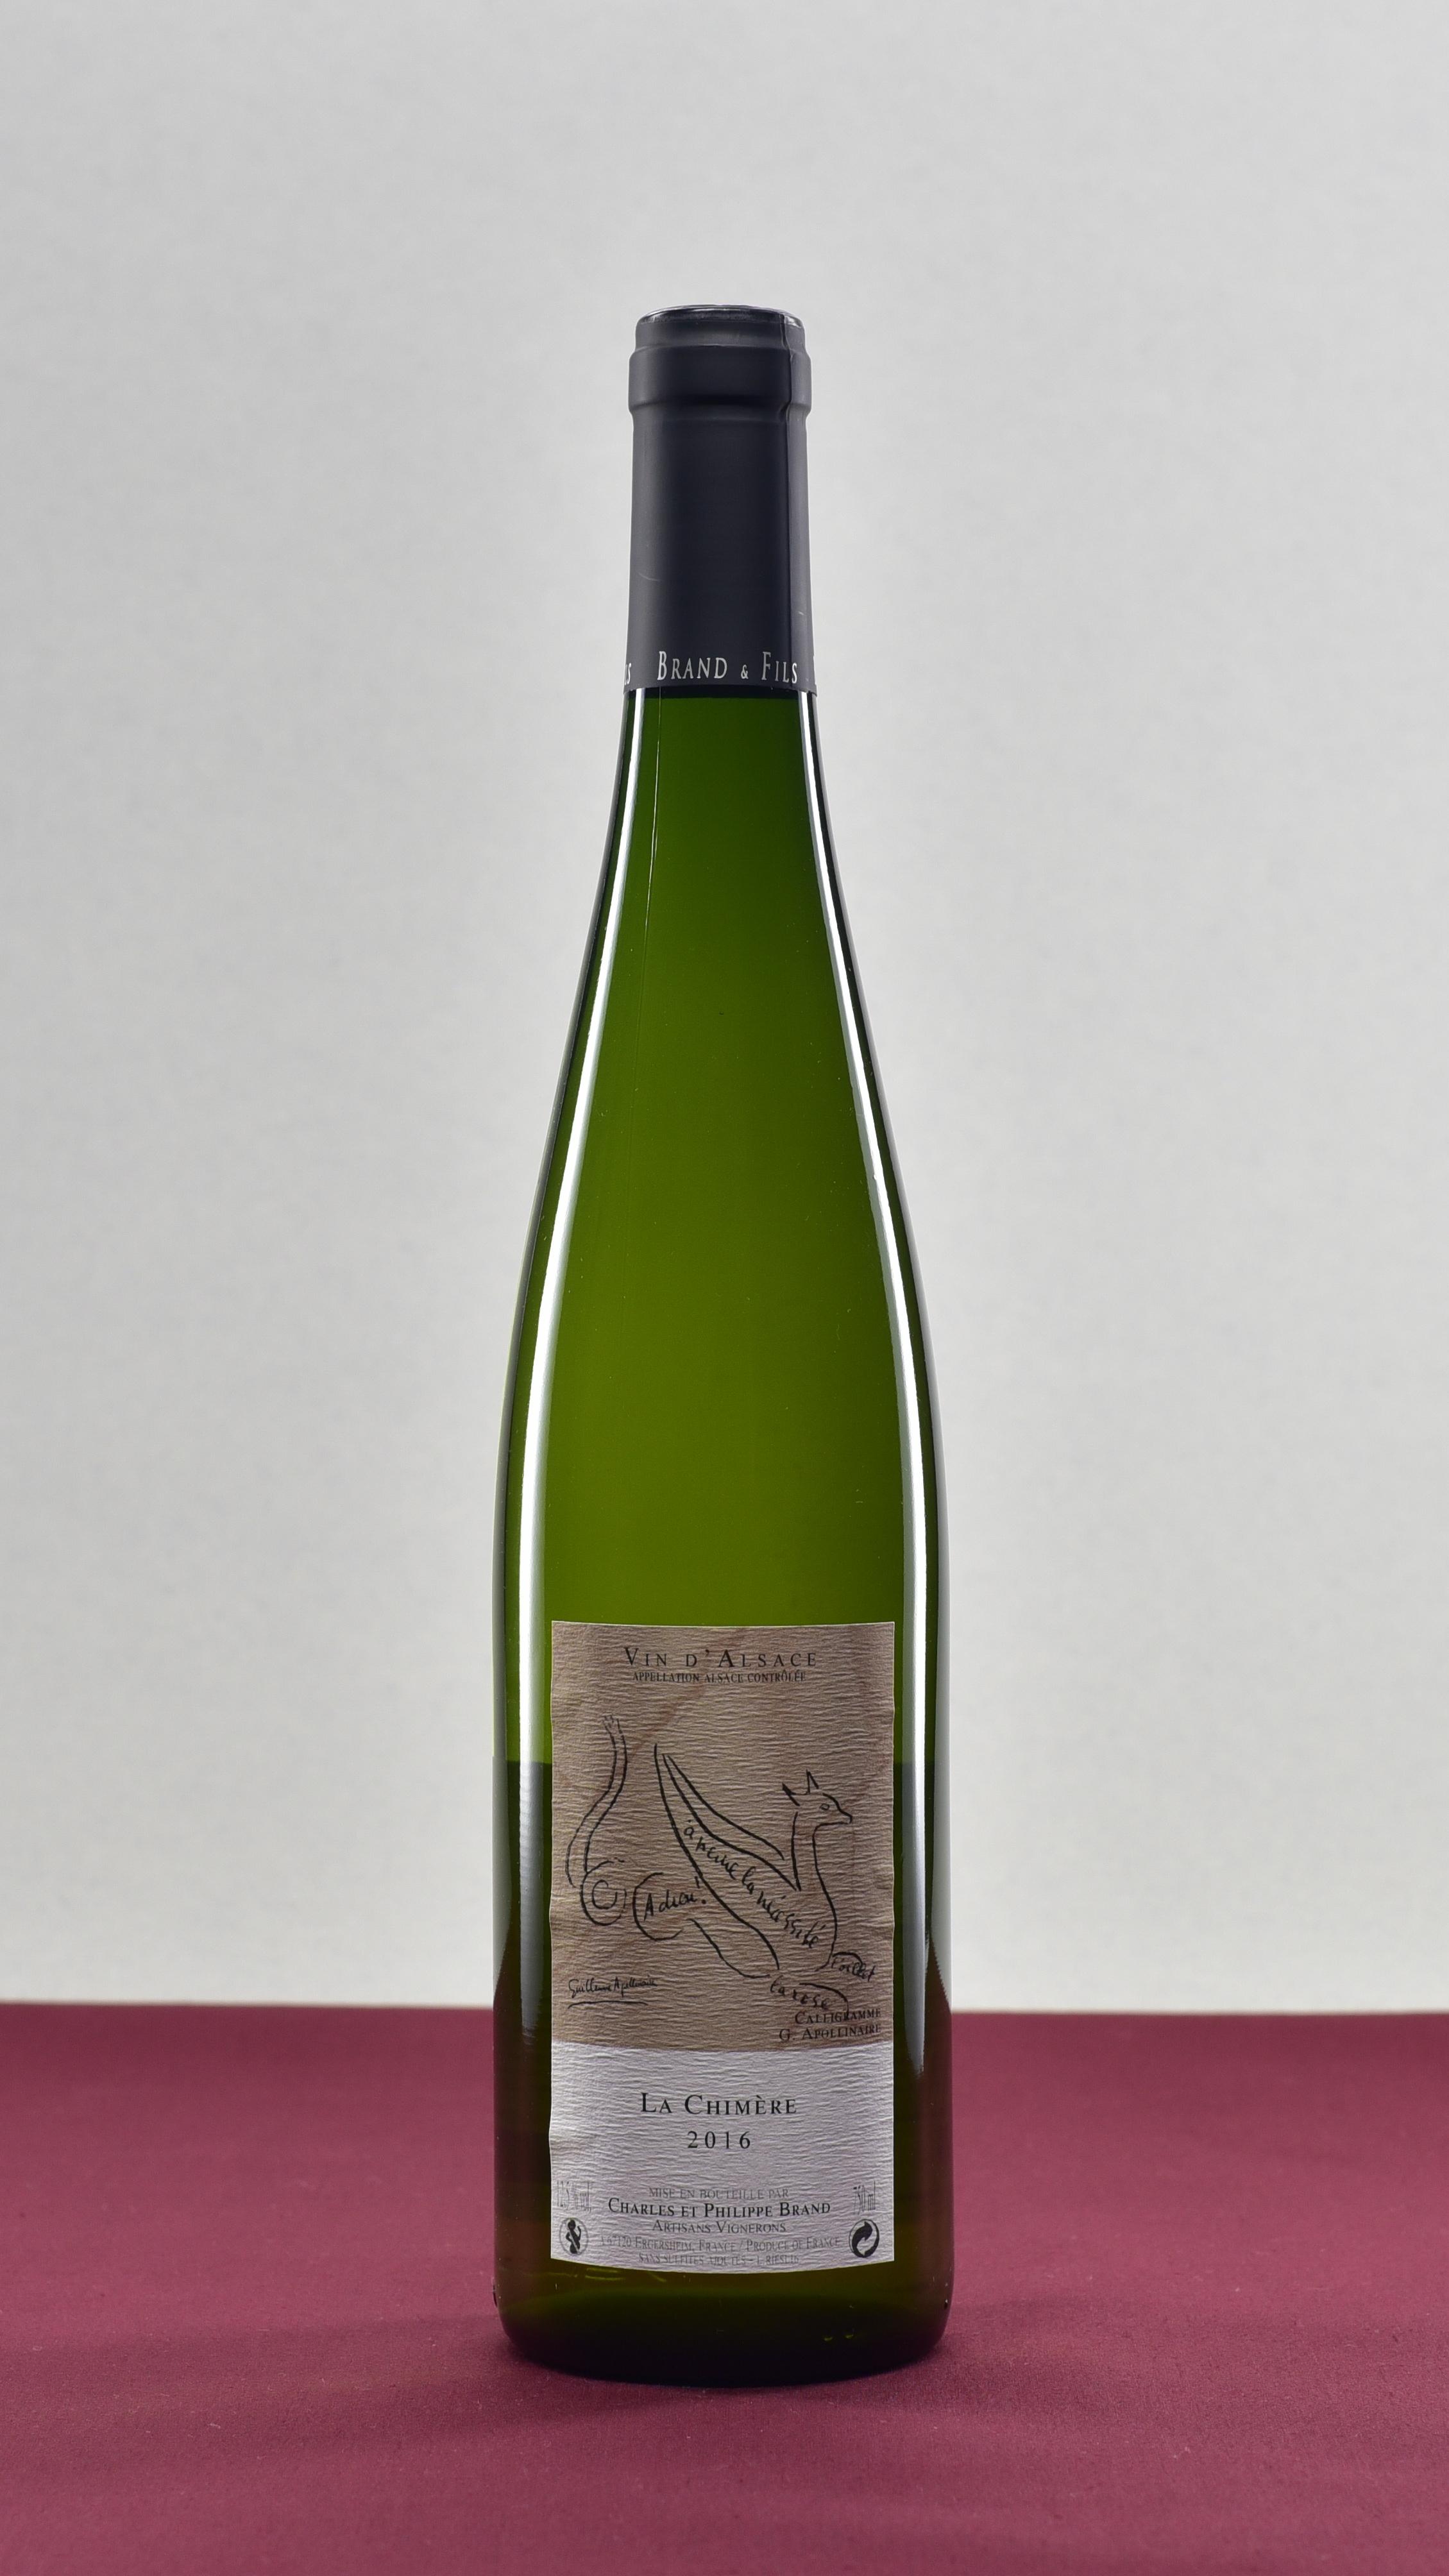 La Chimere - Domaine Brand et Fils | Philippe BrandRieslingVin d'Alsace | 2016